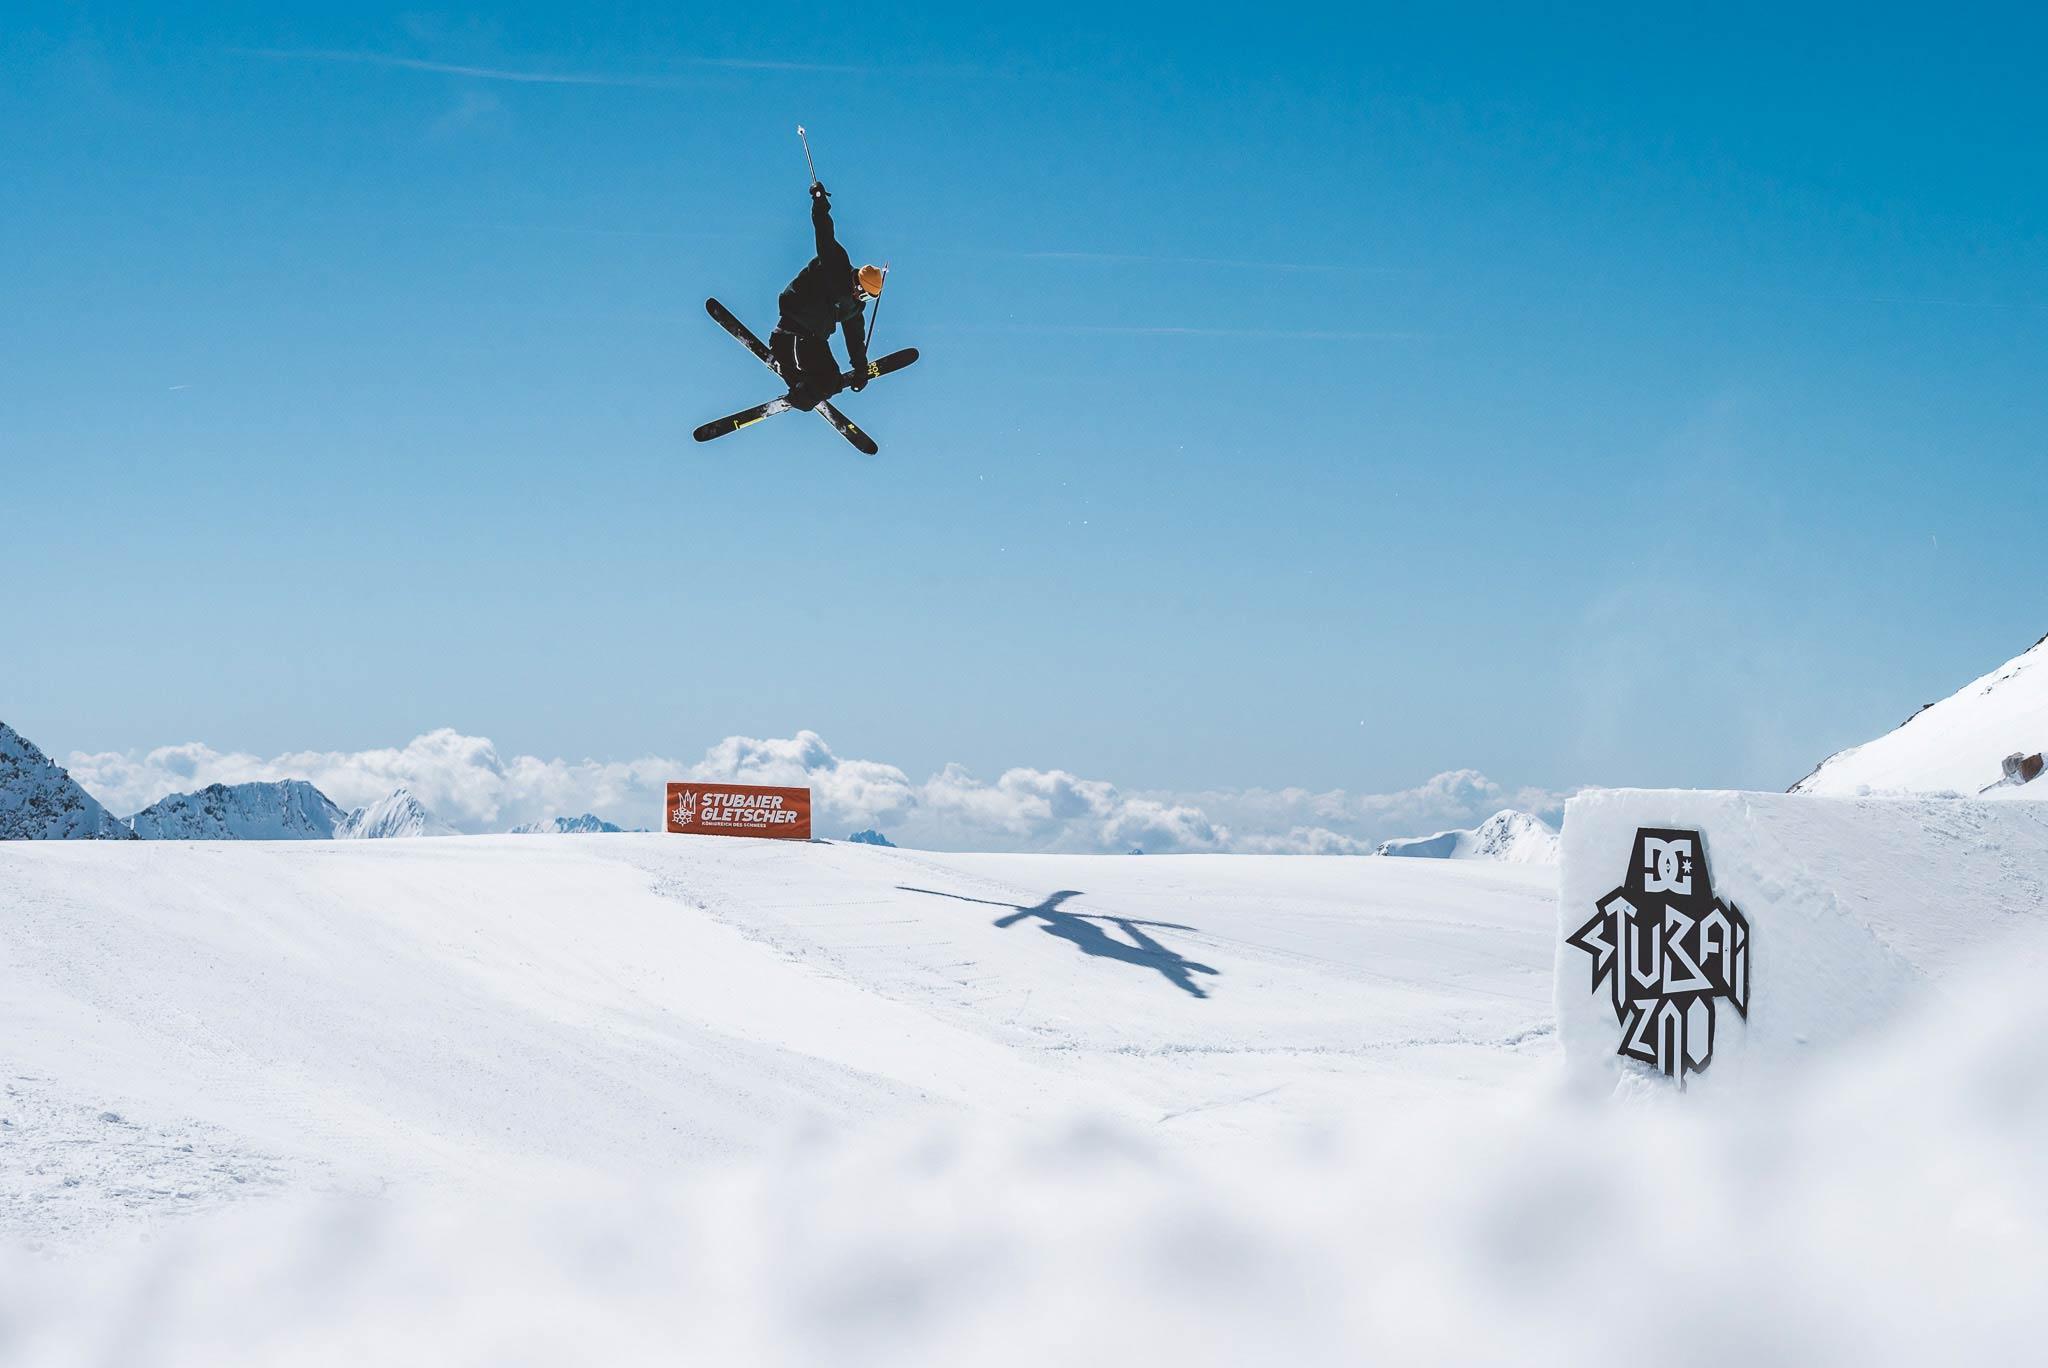 Wenn alles gut läuft, kann man zur Stubai Premiere 2019 die ersten Airs in den Schnee stellen - Rider: Severin Guggemoos